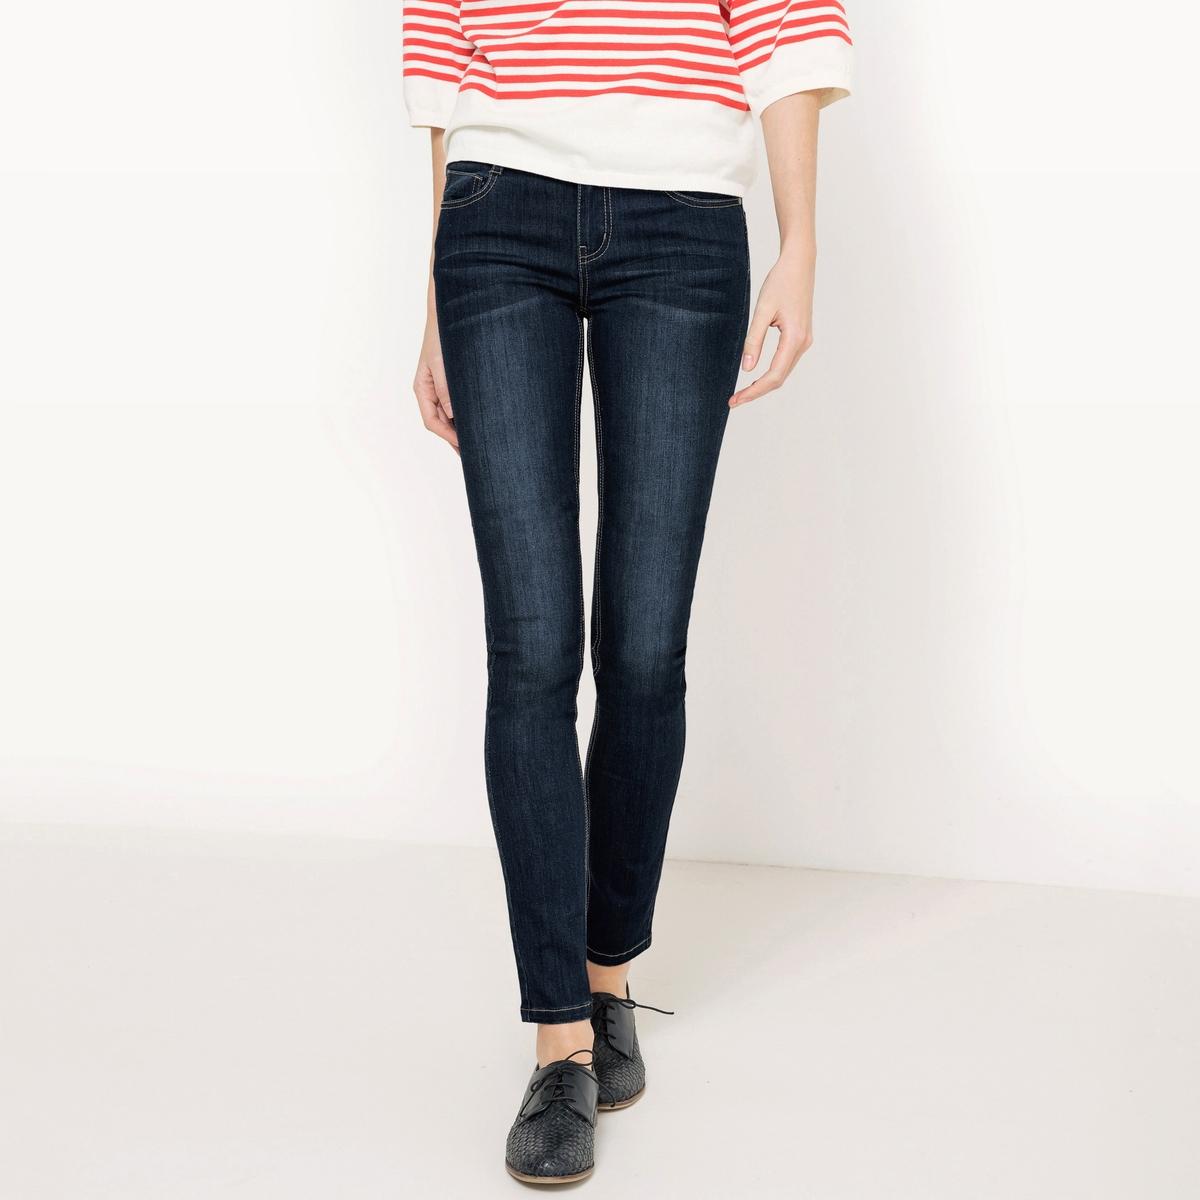 Джинсы узкие с эффектом пуш-апМатериал : 66% хлопка, 2% эластана, 32% полиэстера             Высота пояса : стандартная            Покрой джинсов: узкий Длина джинсов: длина 32              Стирка : машинная стирка при 30 °С            Уход : сухая чистка и отбеливание запрещены            Машинная сушка : запрещена            Глажка : при низкой температуре<br><br>Цвет: синий потертый,темно-синий<br>Размер: 46 (FR) - 52 (RUS).38 (FR) - 44 (RUS).42 (FR) - 48 (RUS).48 (FR) - 54 (RUS).42 (FR) - 48 (RUS)